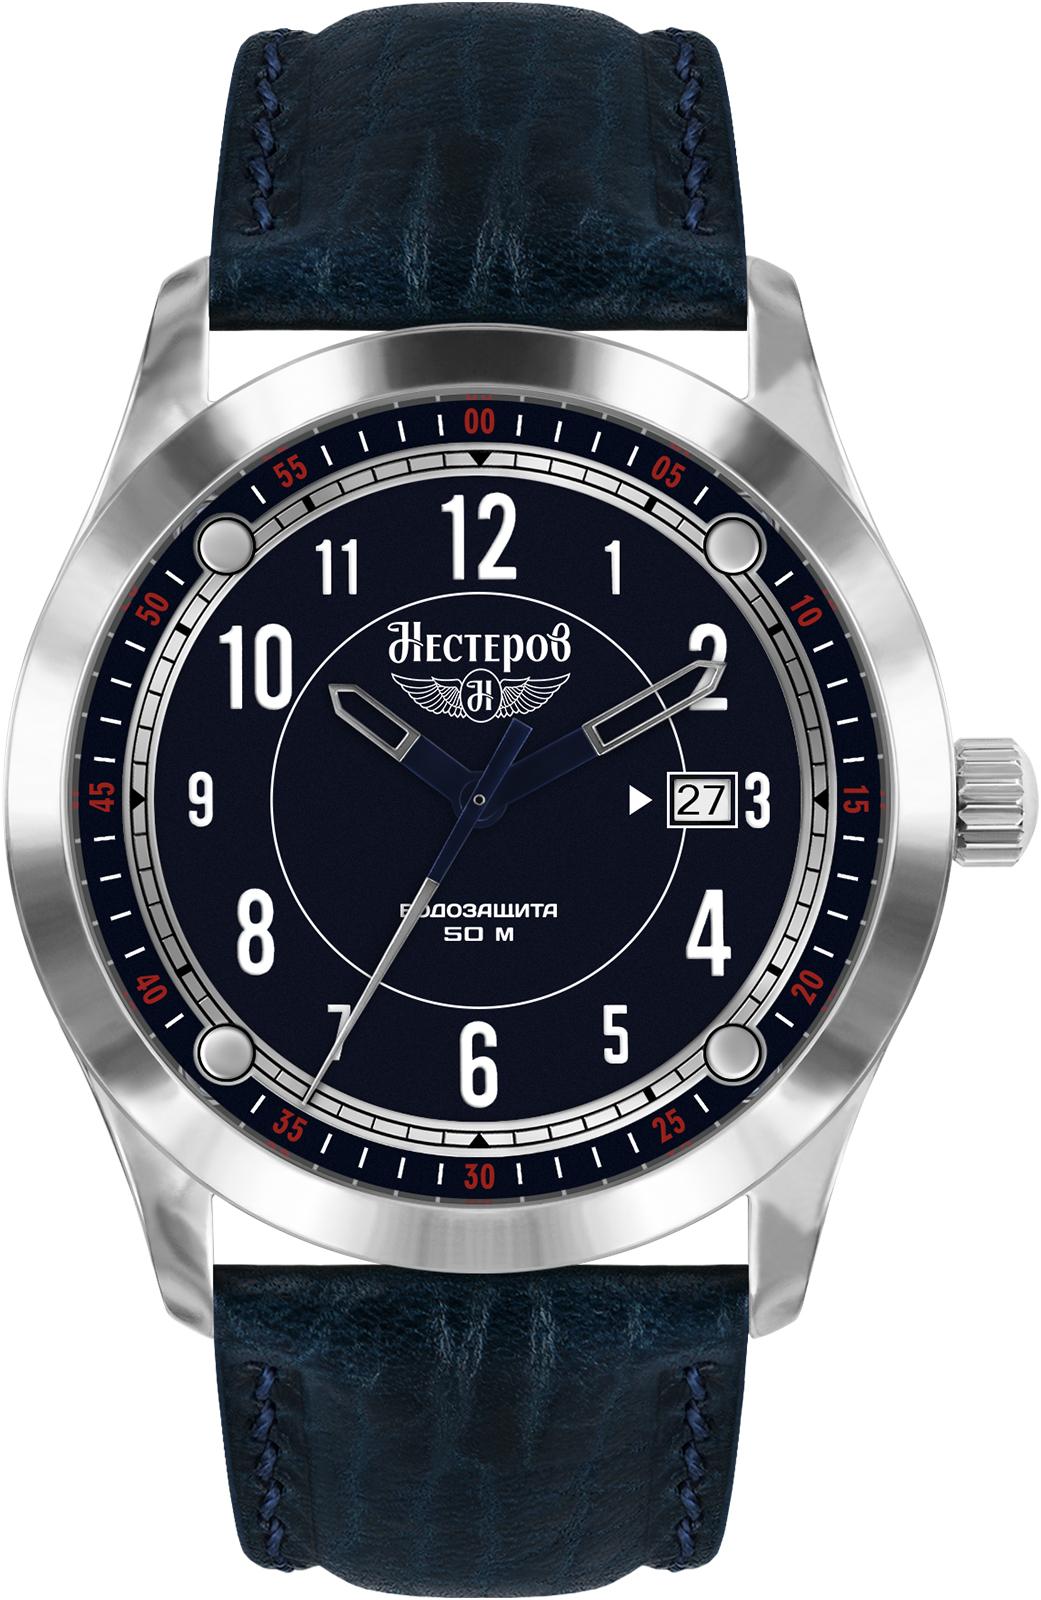 Часы Нестеров H0959E02-05B все цены